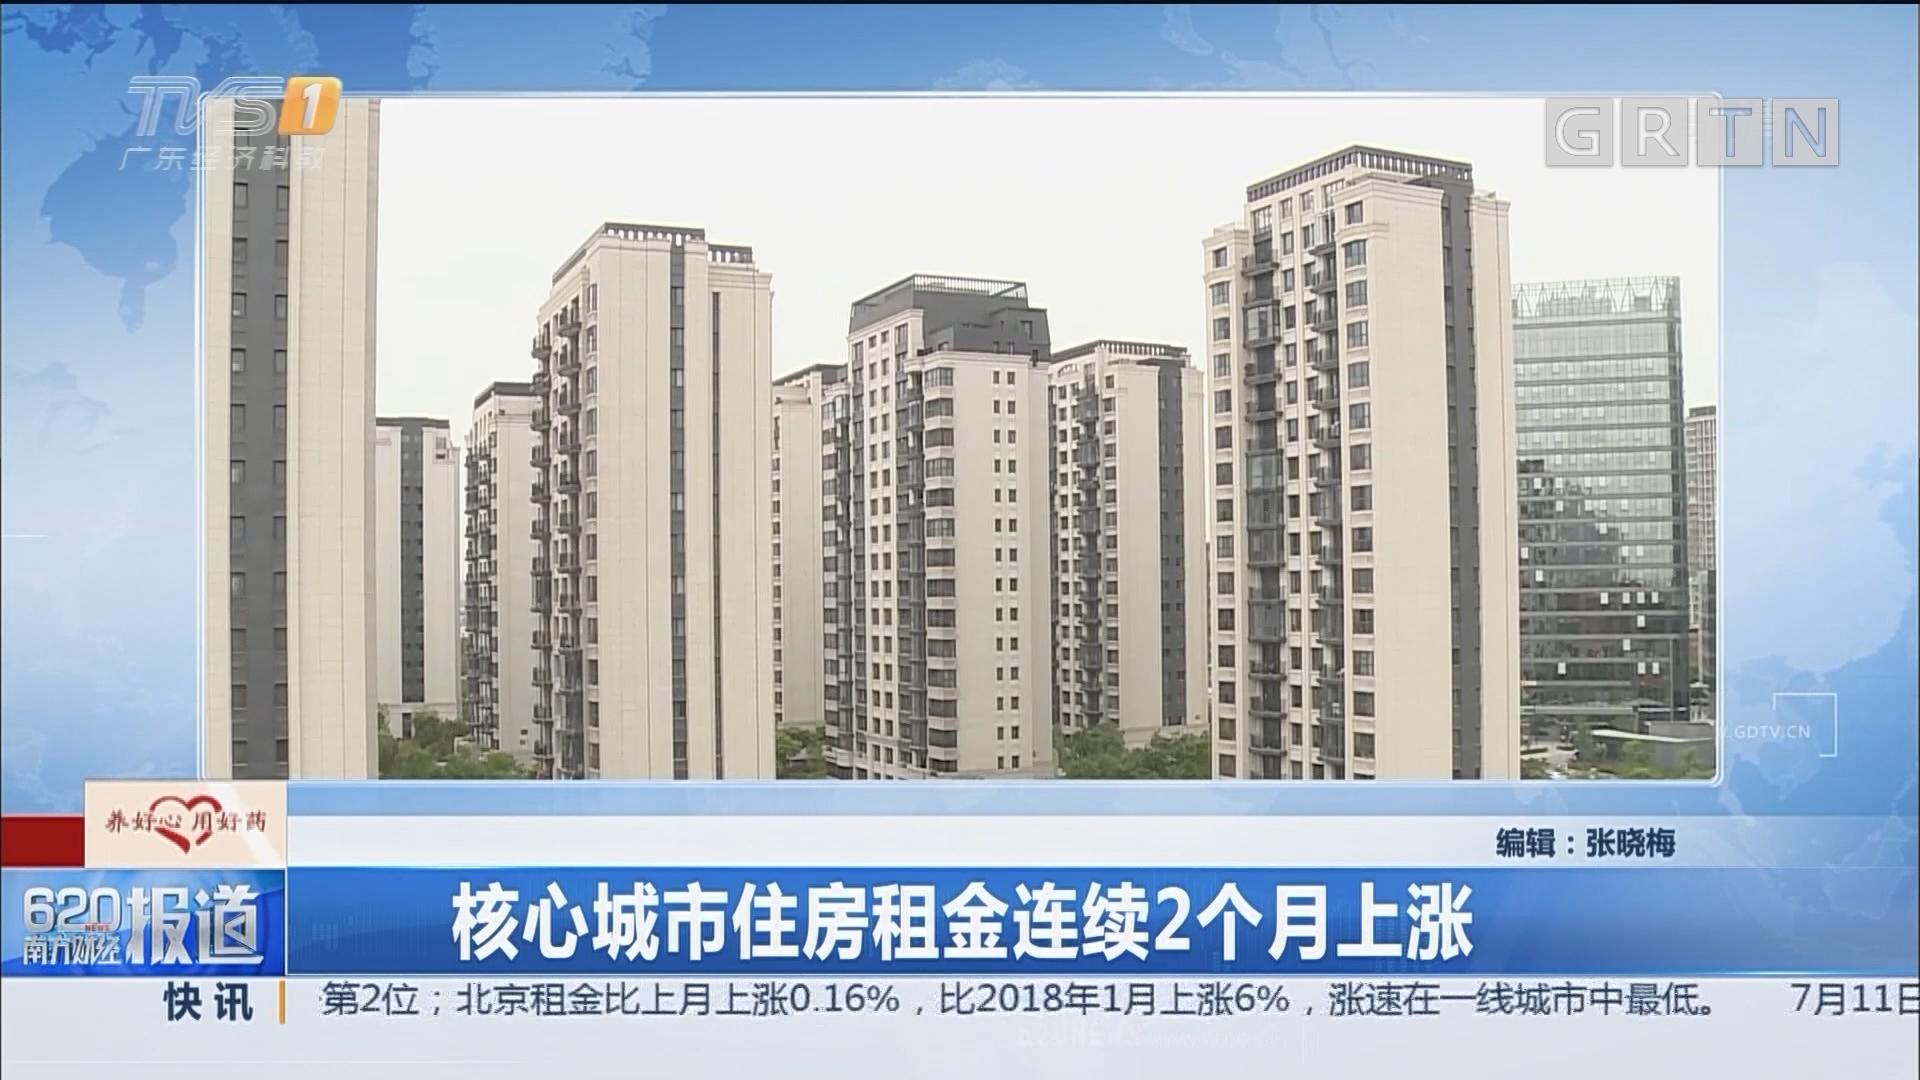 核心城市住房租金连续2个月上涨